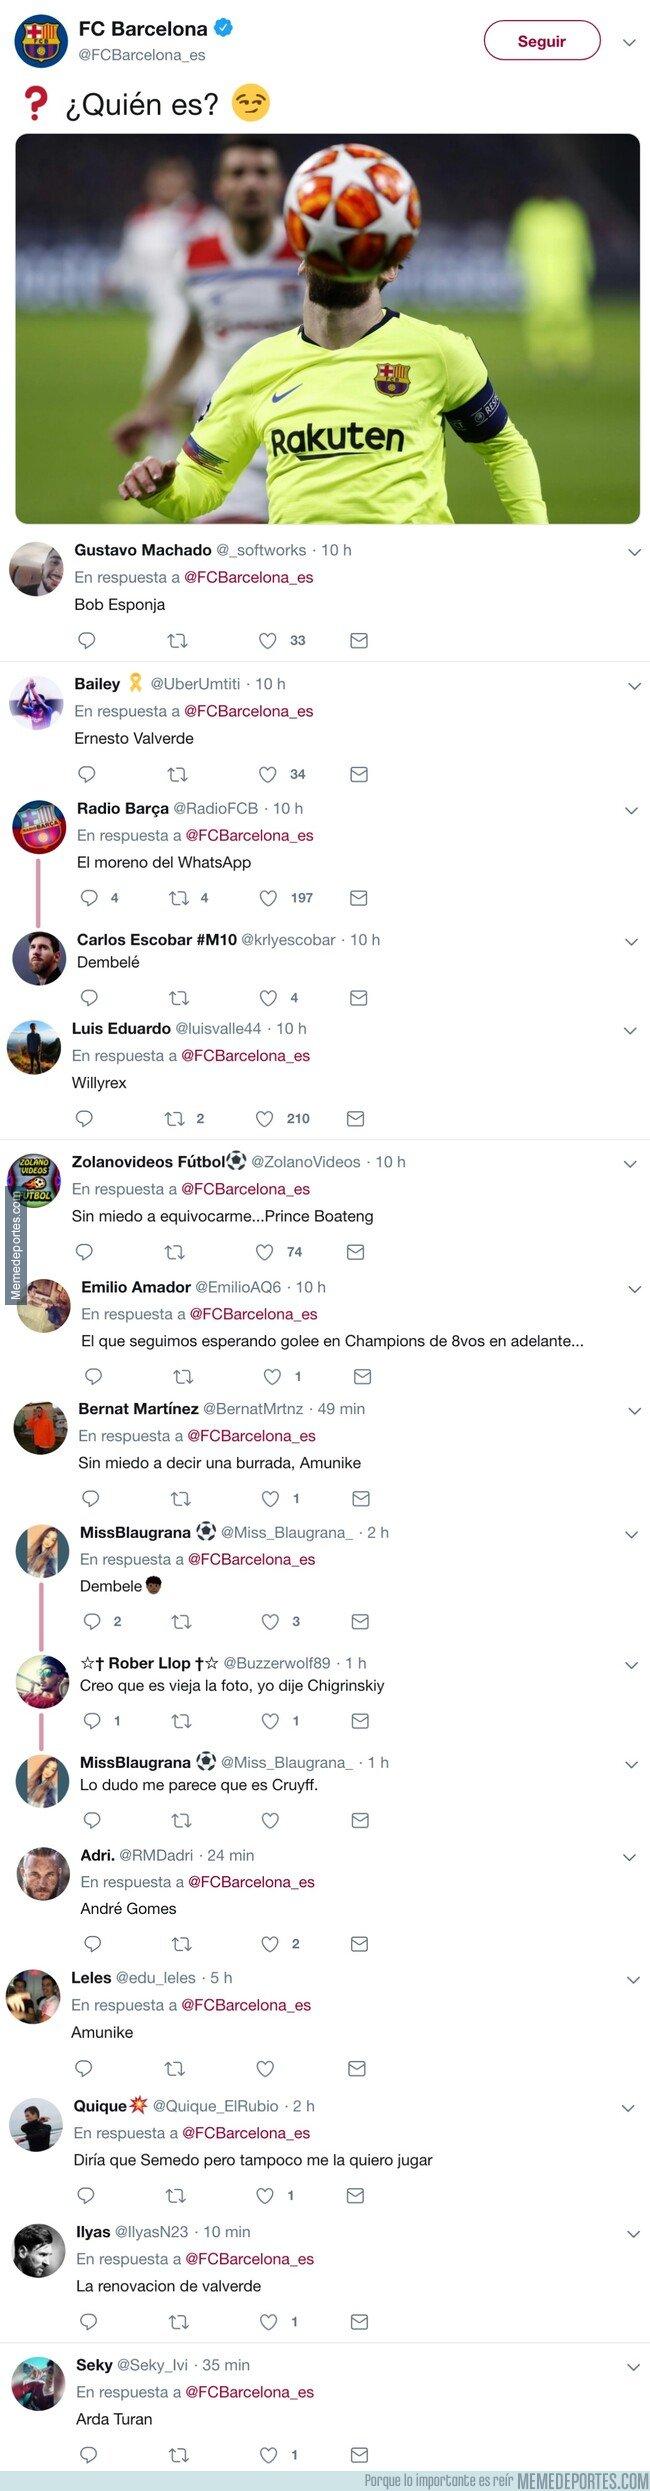 1065229 - La absurda pregunta del Barça en Twitter se llena de respuestas trolls